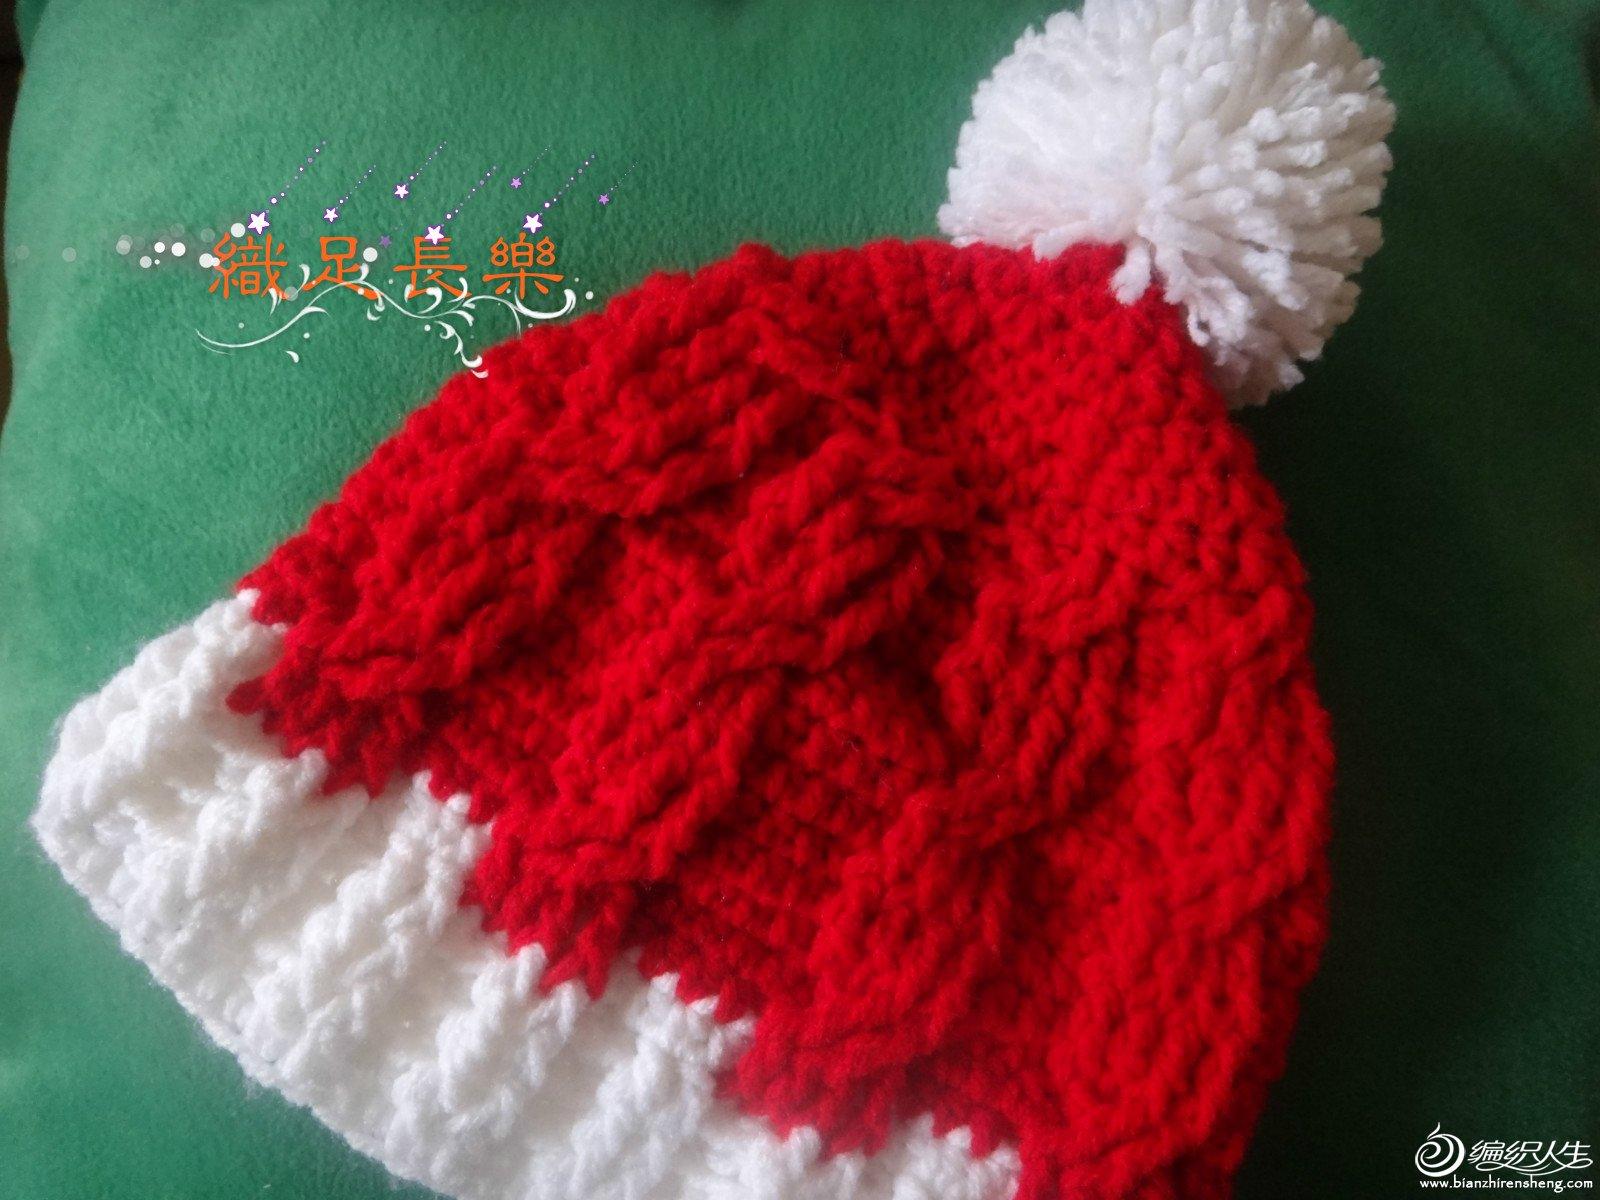 钩针圣诞帽